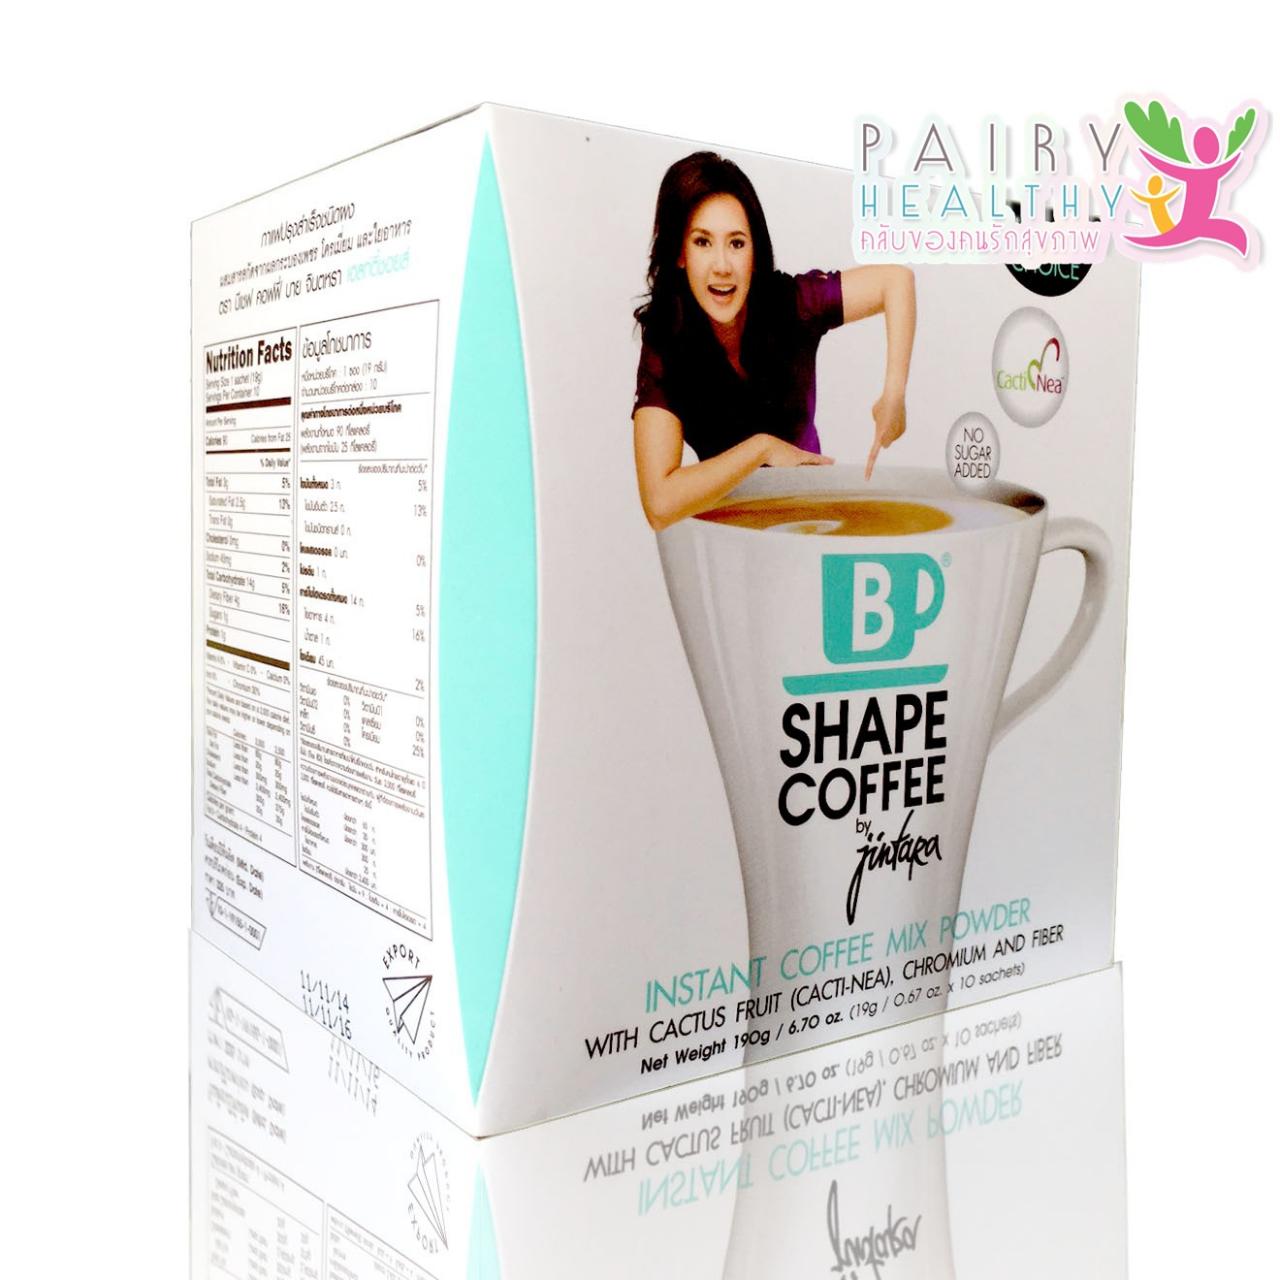 กาแฟคาโลบล็อคพลัส กาแฟปรุงสำเร็จรูป บีเชฟ By JINTARA (ราคาไม่รวมจัดส่ง EMS 50.-/พัสดุลงทะเบียน 30.-)